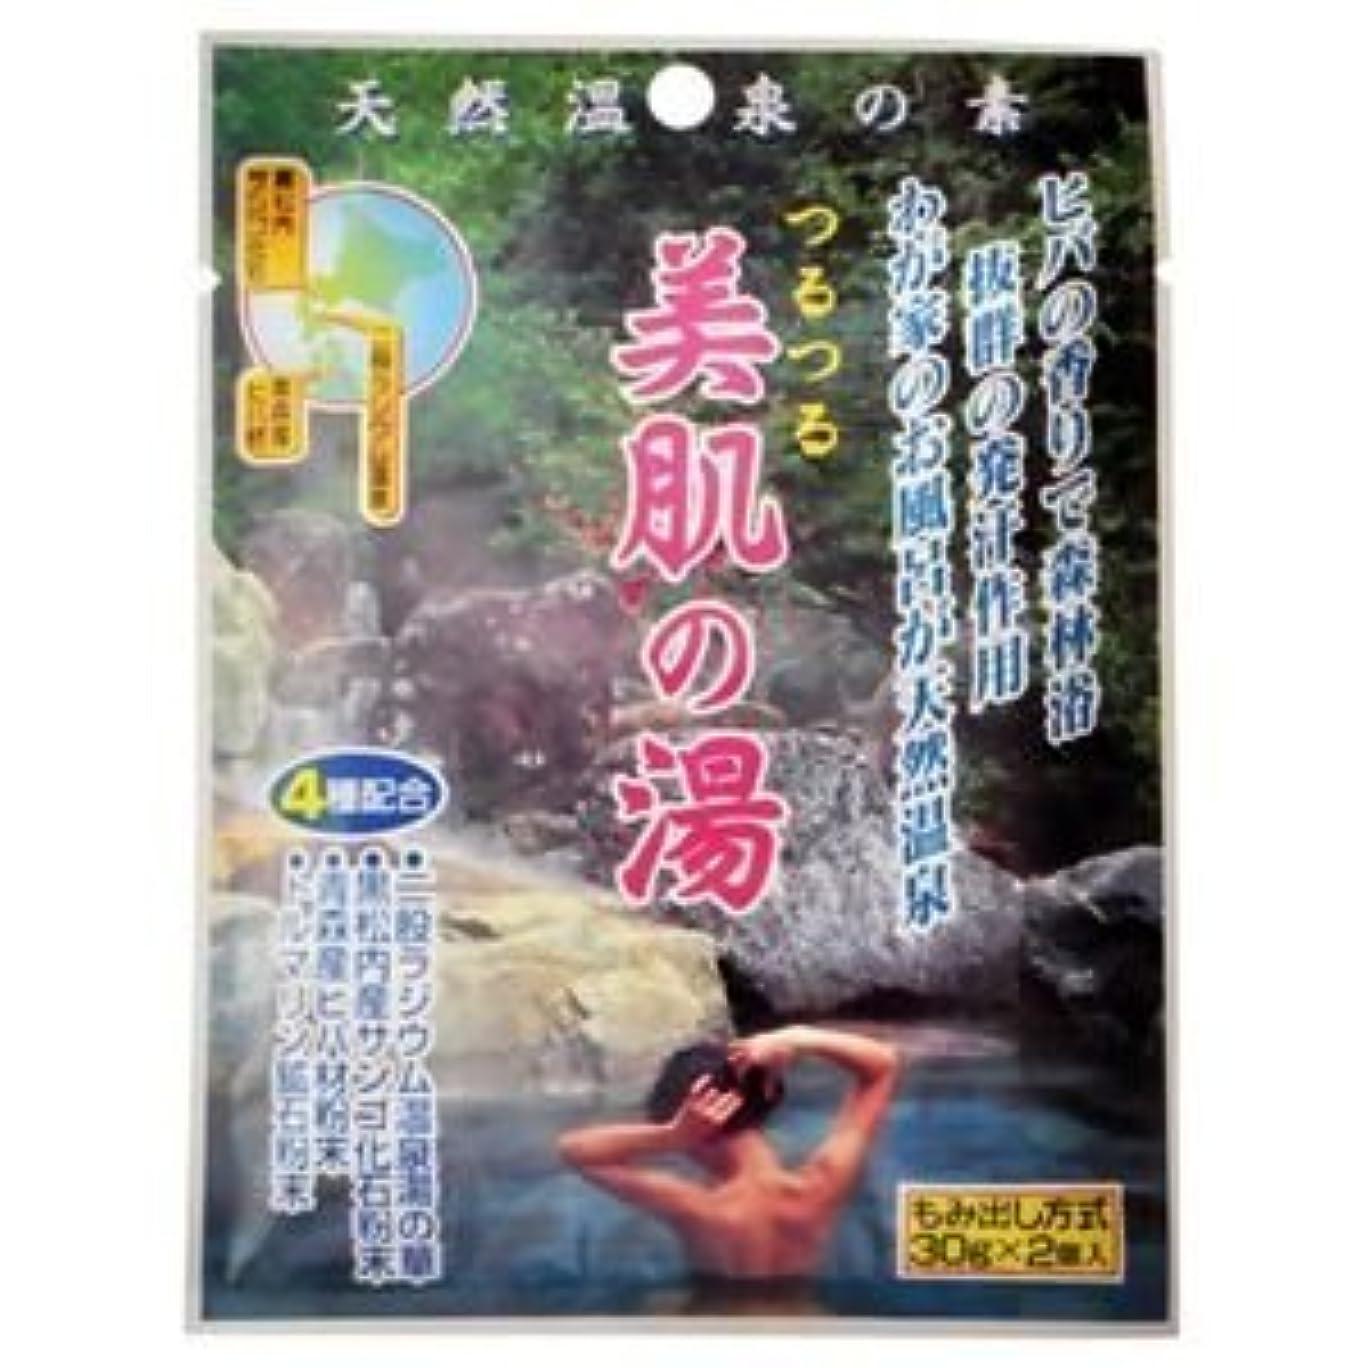 コストキャリッジテレビ局天然温泉の素 つるつる美肌の湯 30g×2個入(入浴剤) (10個セット)